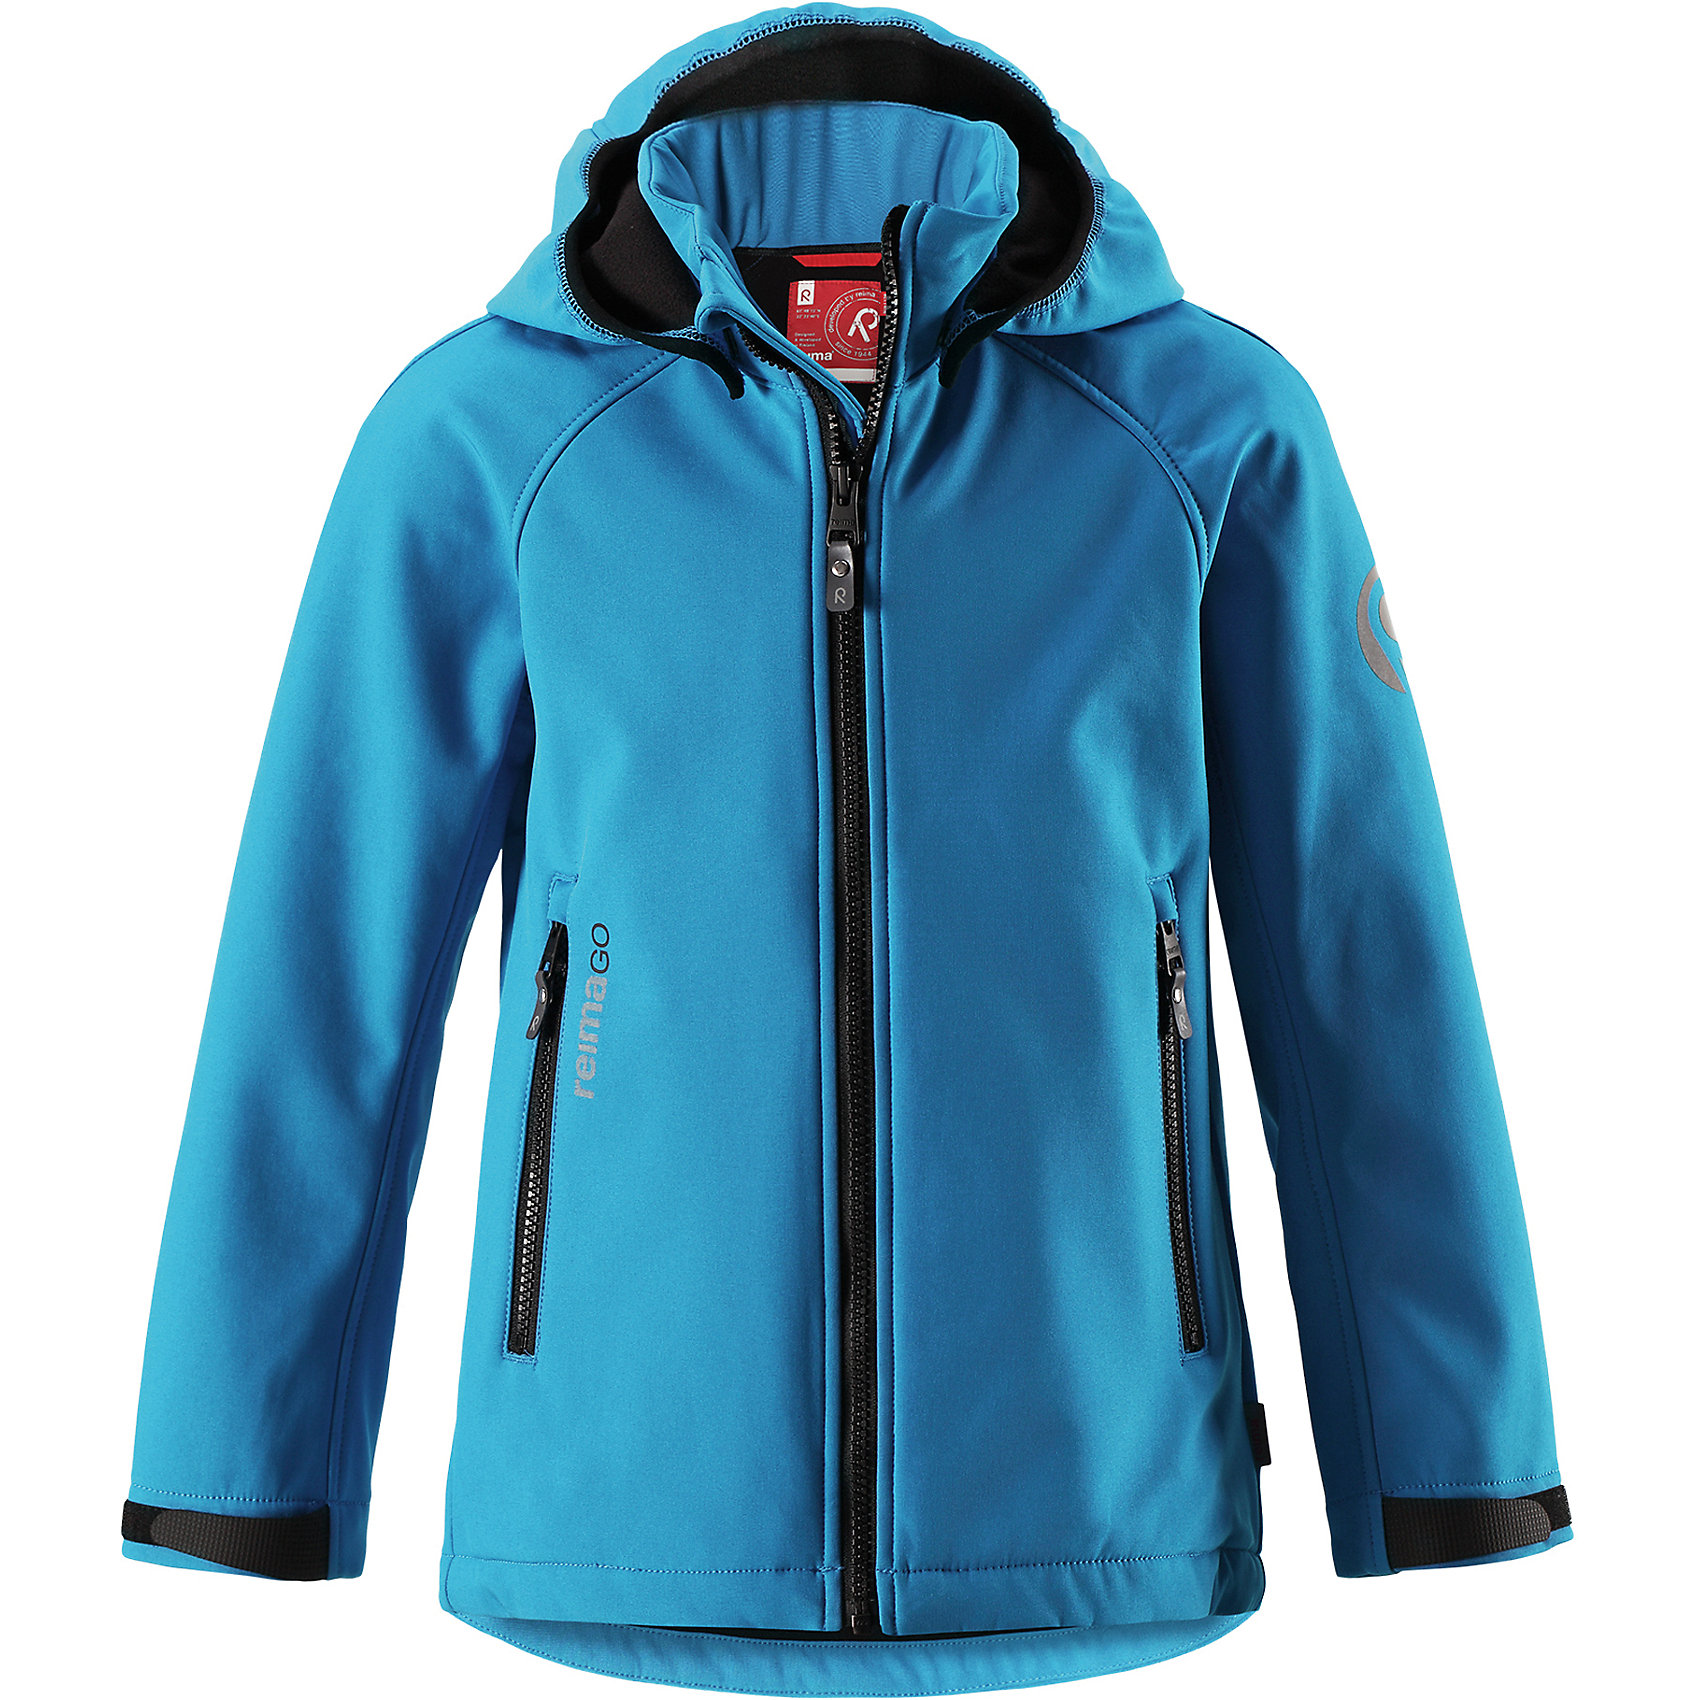 Куртка Zayak Reima для мальчикаФлис и термобелье<br>Демисезонная куртка для детей и подростков изготовлена из функционального материала softshell – водоотталкивающего, ветронепроницаемого, и в то же время дышащего. Многослойный материал имеет мягкую флисовую изнанку. Регулируемая талия позволяет отрегулировать эту модель прямого кроя по фигуре, а регулируемые манжеты снабжены застежками на липучке. <br><br>В этой куртке предусмотрено множество практичных деталей: безопасный съемный капюшон м эластичной резинкой по краю, карманы на молнии и светоотражающие элементы – отличный выбор, куда бы вы не пошли. Сенсор ReimaGO будет надежно закреплен на месте благодаря специальным кнопкам.<br>Состав:<br>95% Полиэстер 5% Эластан<br><br>Ширина мм: 356<br>Глубина мм: 10<br>Высота мм: 245<br>Вес г: 519<br>Цвет: синий<br>Возраст от месяцев: 156<br>Возраст до месяцев: 168<br>Пол: Мужской<br>Возраст: Детский<br>Размер: 158,164,146,104,110,152,116,122,128,134,140<br>SKU: 6902908